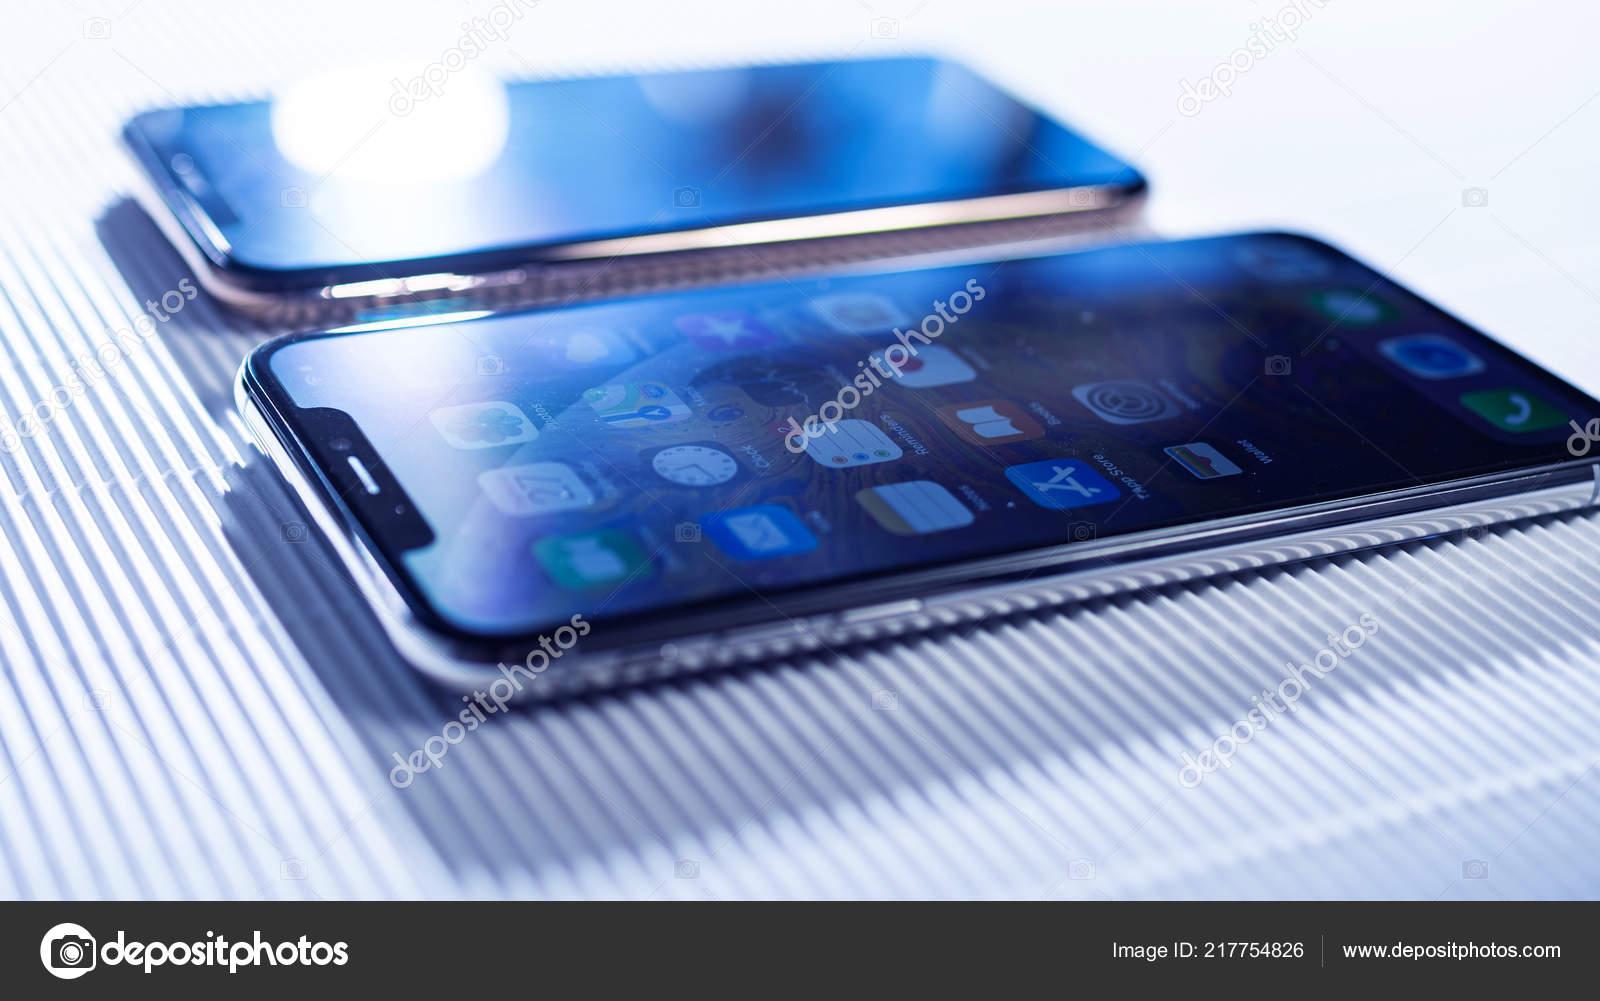 Comparer Iphone Xs Et Xs Max Sur Fond Blanc Photo Editoriale